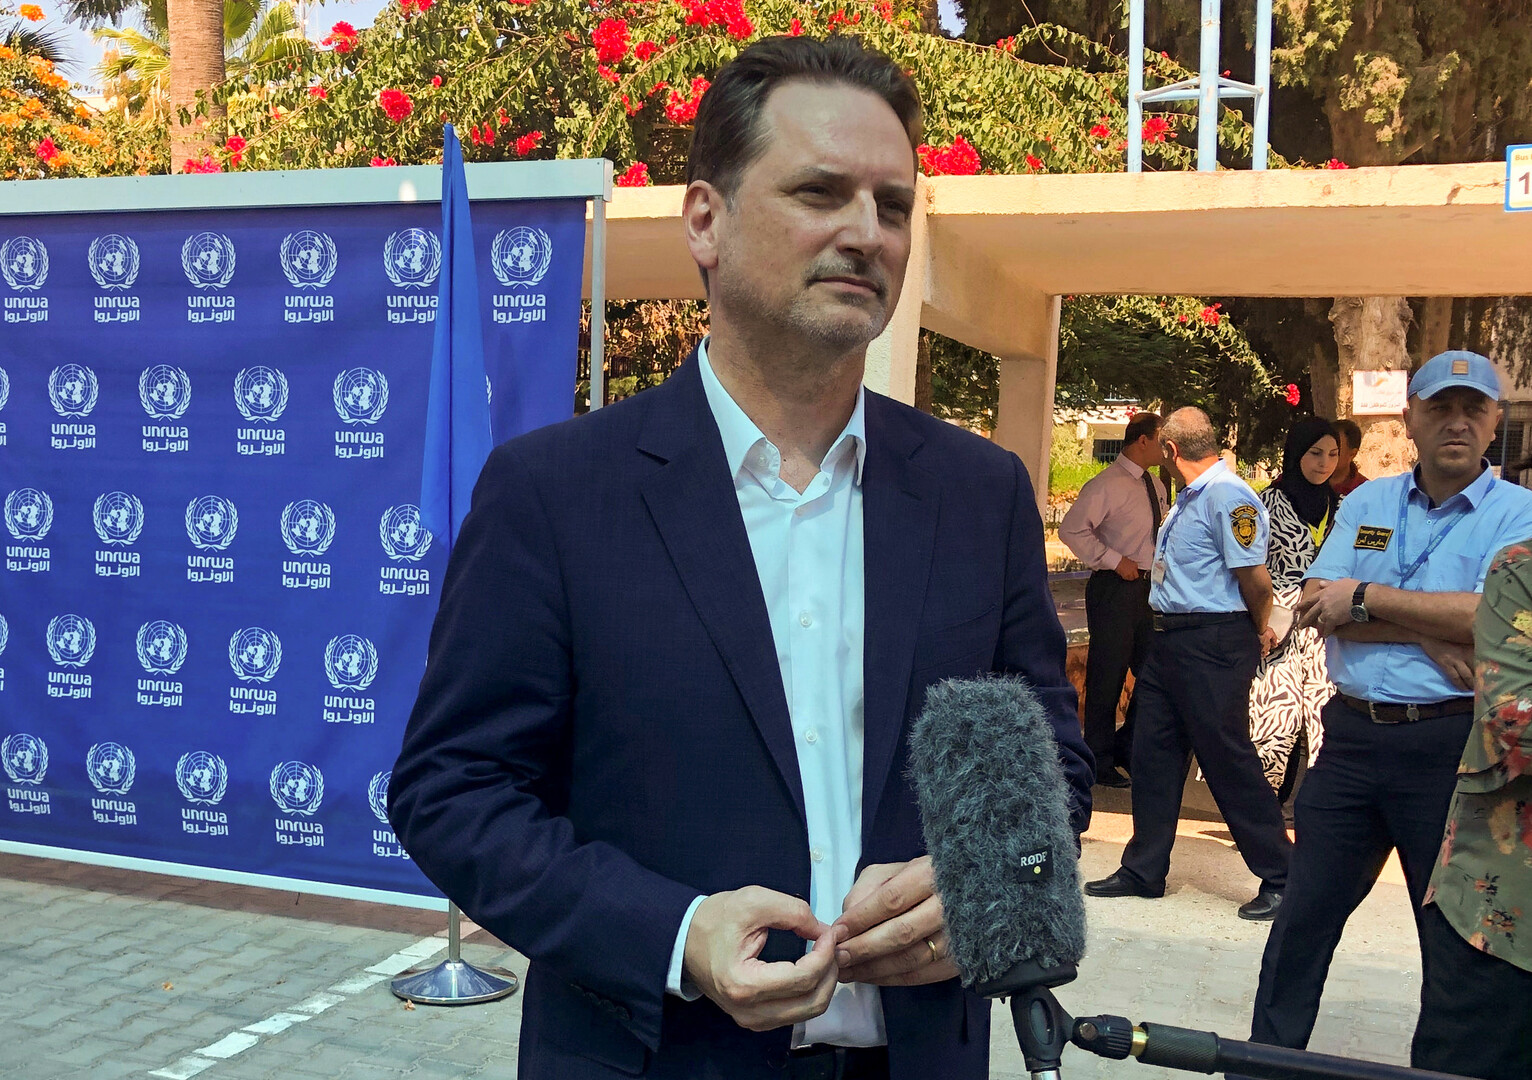 بيير كرينبول، المفوض العام لوكالة غوث وتشغيل اللاجئين